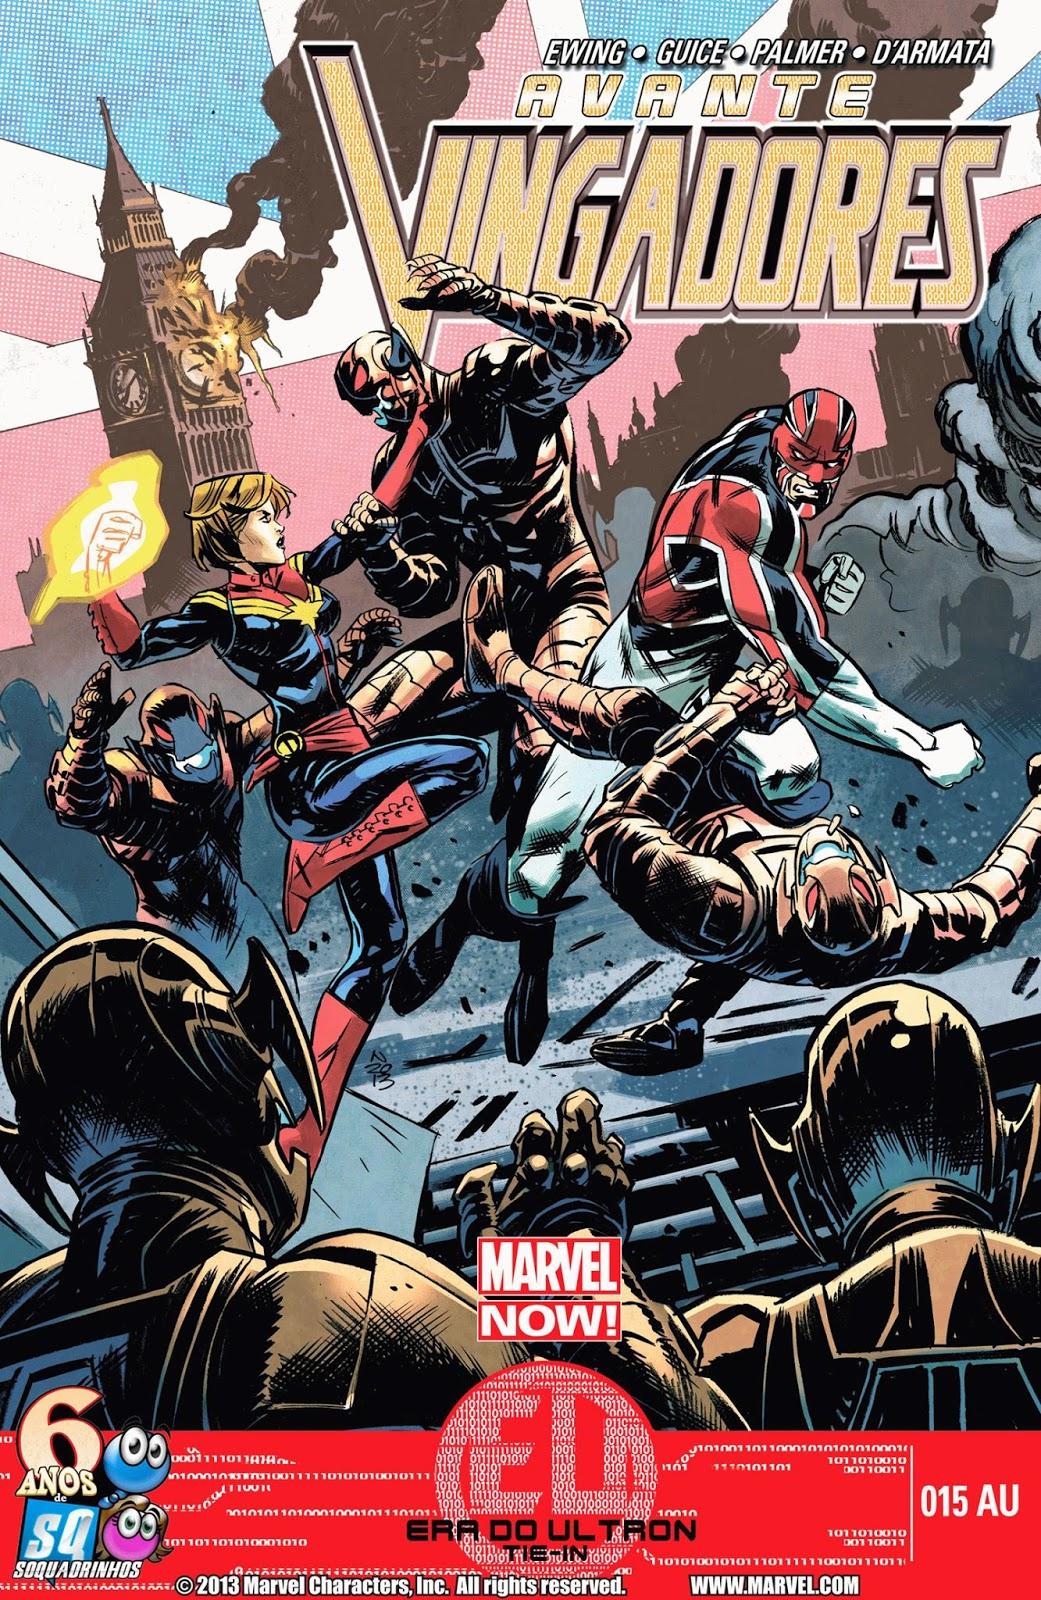 Nova Marvel! Avante Vingadores #15 EU (Opcional)